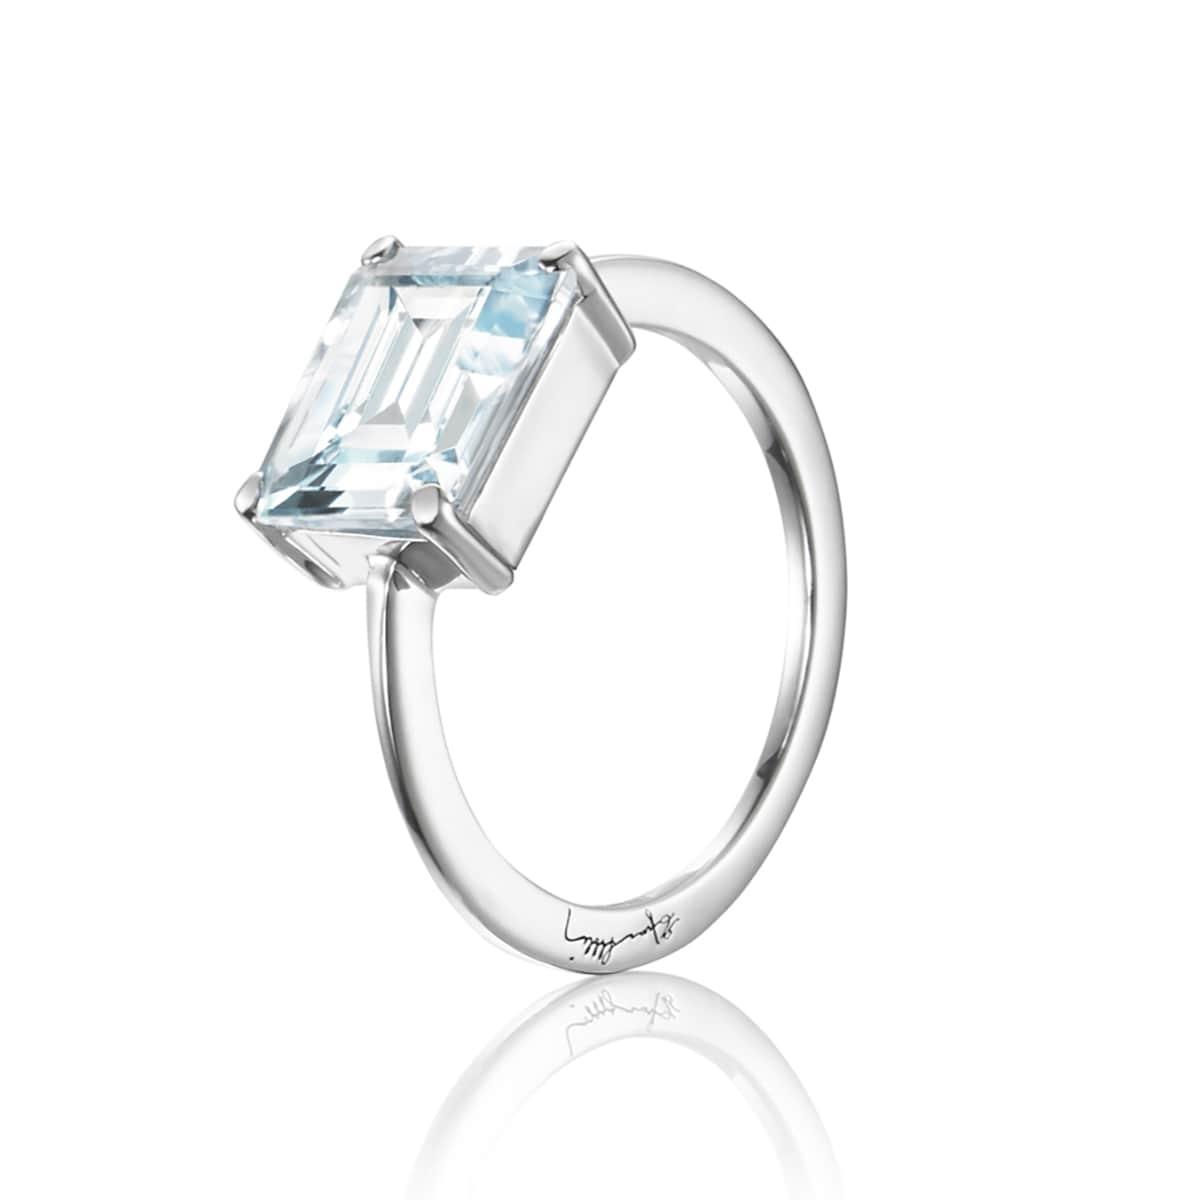 Efva_Attling_smycken_A Macaron Dream Ring 13-100-01512(1)_hos_Jarl_Sandin